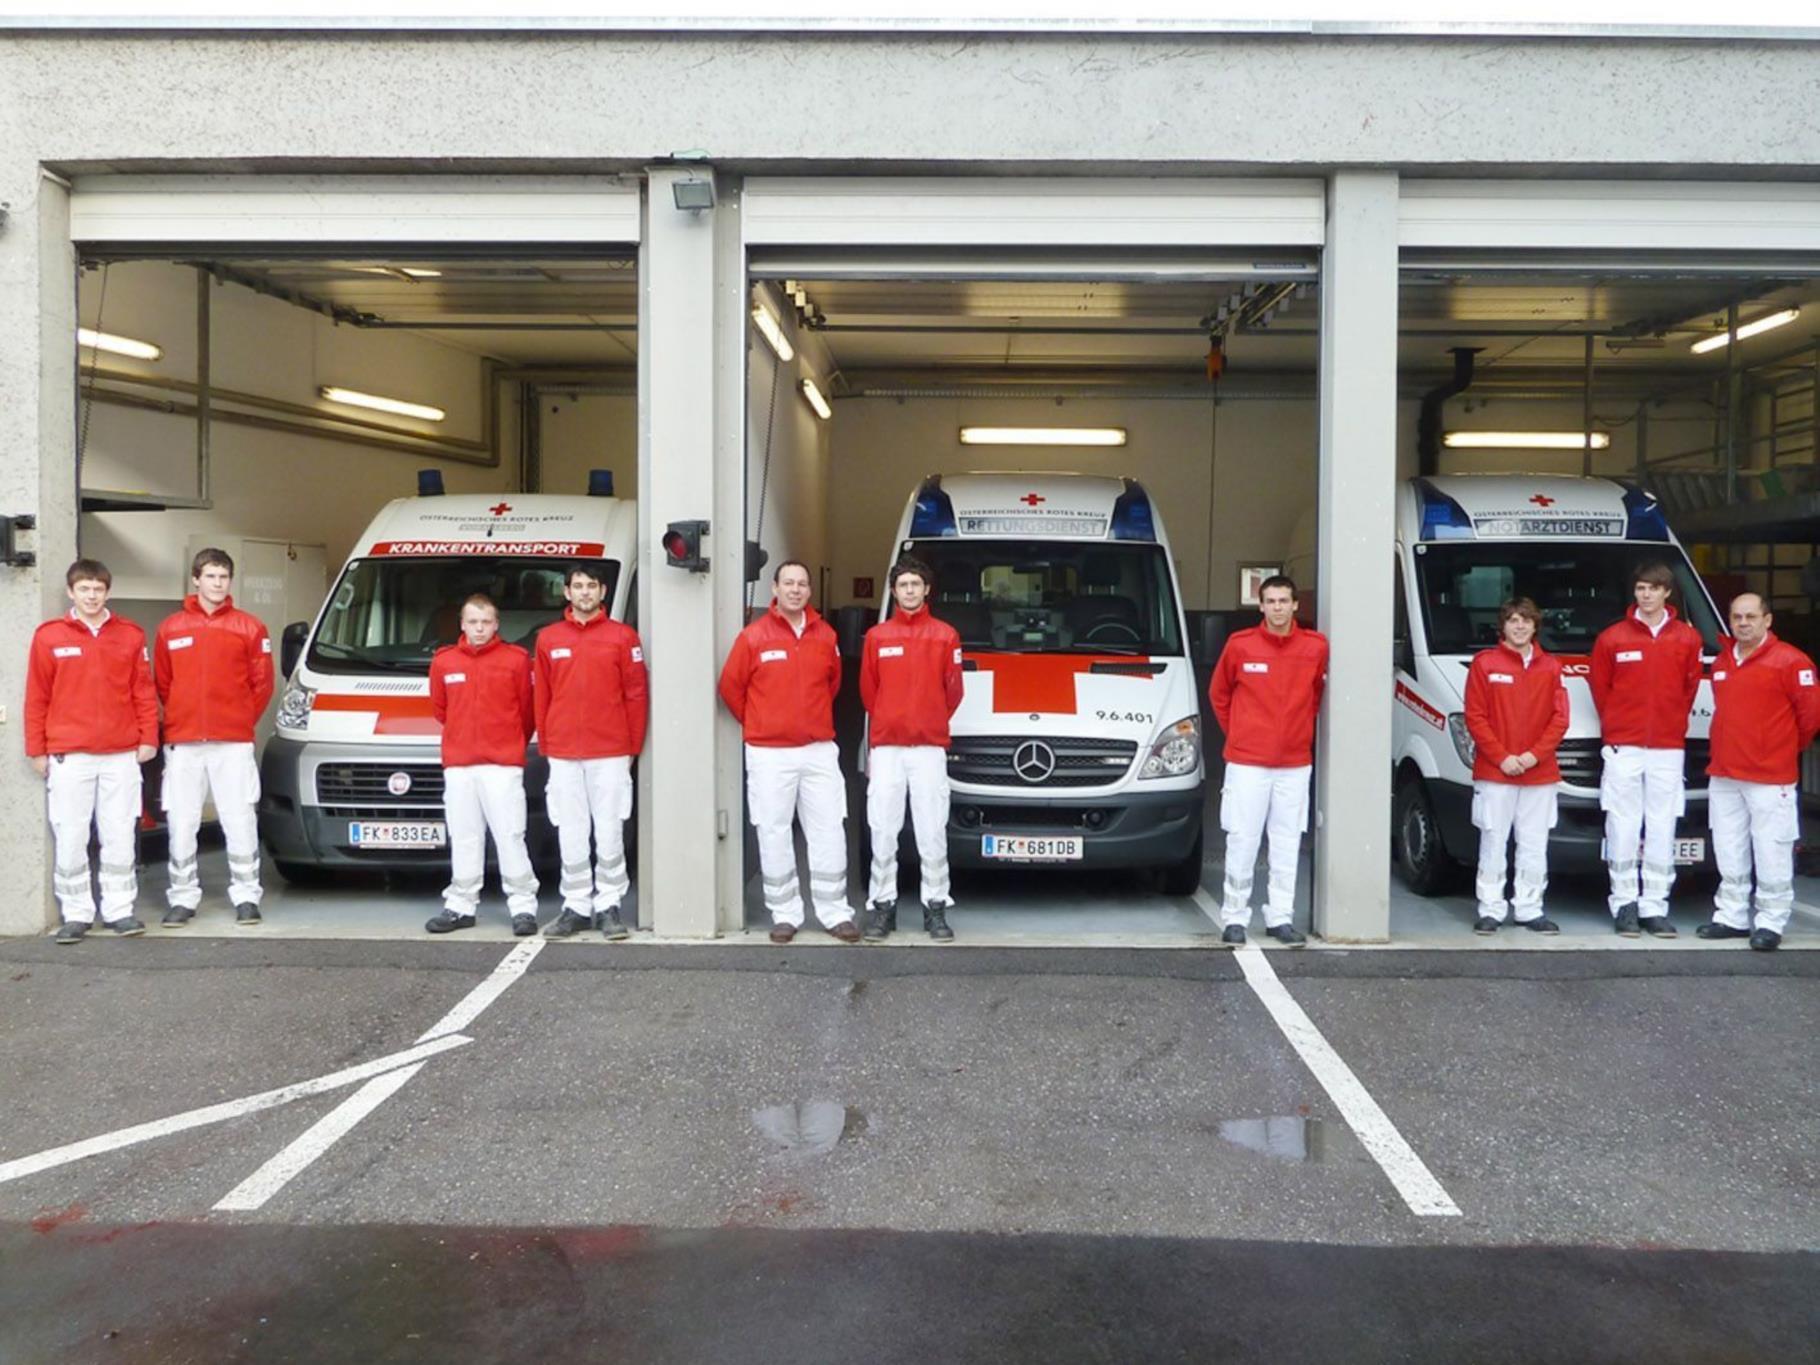 Für die sechs Fahrzeuge der Rettungsabteilung Hohenems gibt es nur drei Garagenplätze.